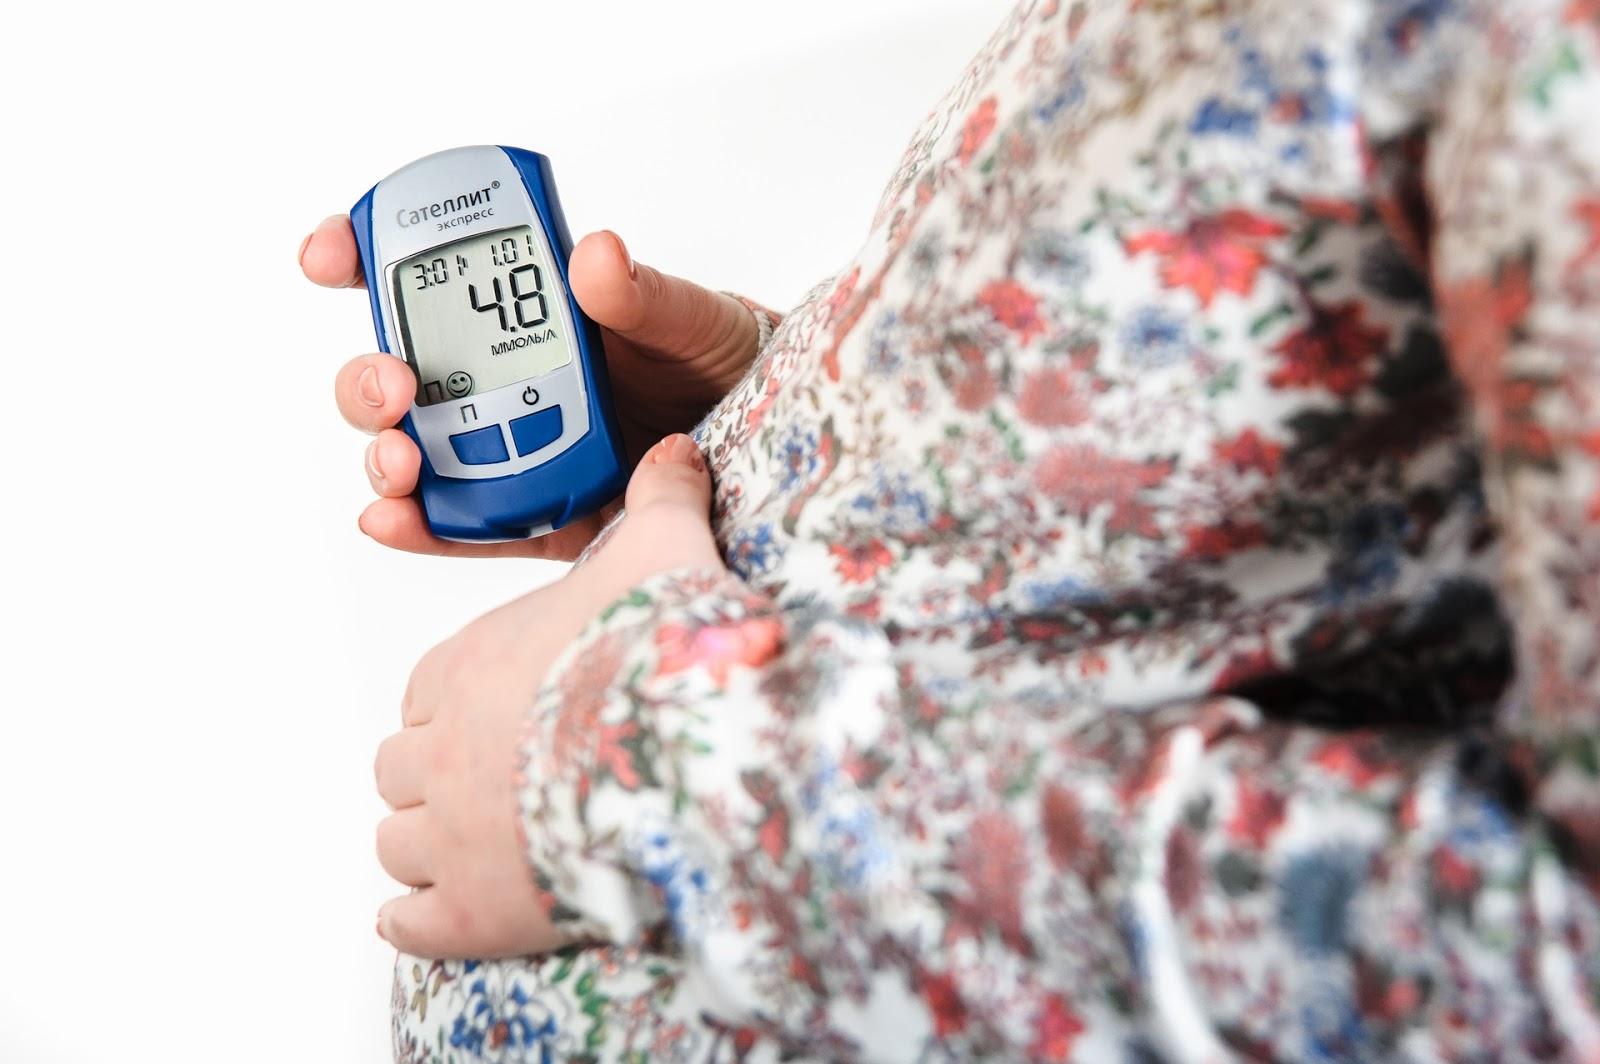 علاج سكر الحمل في الشهر السابع